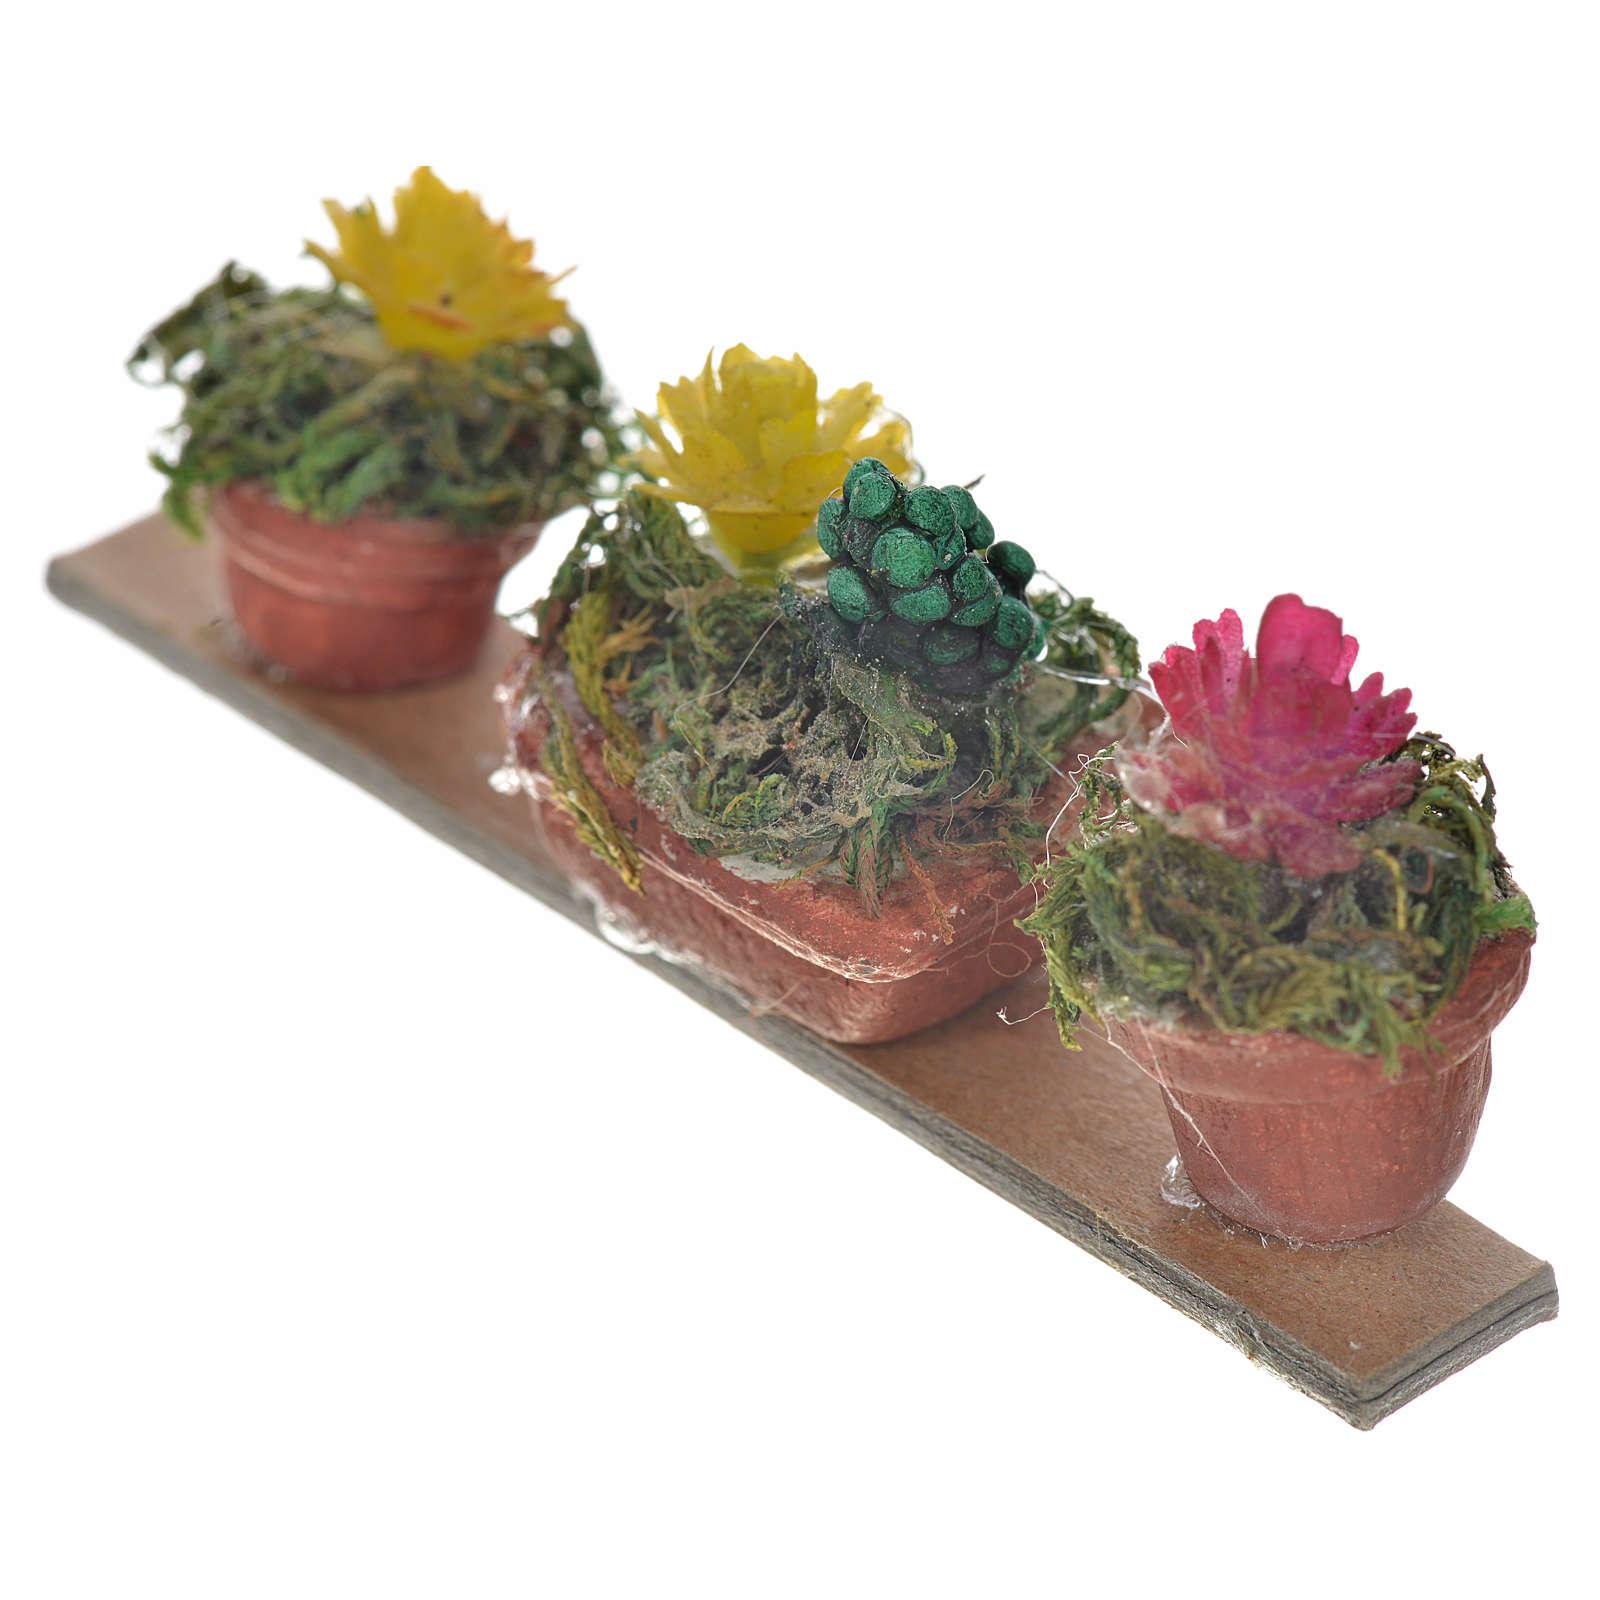 Ripiano 3 vasi con fiori 6,5x2,5 cm presepe napoletano 4